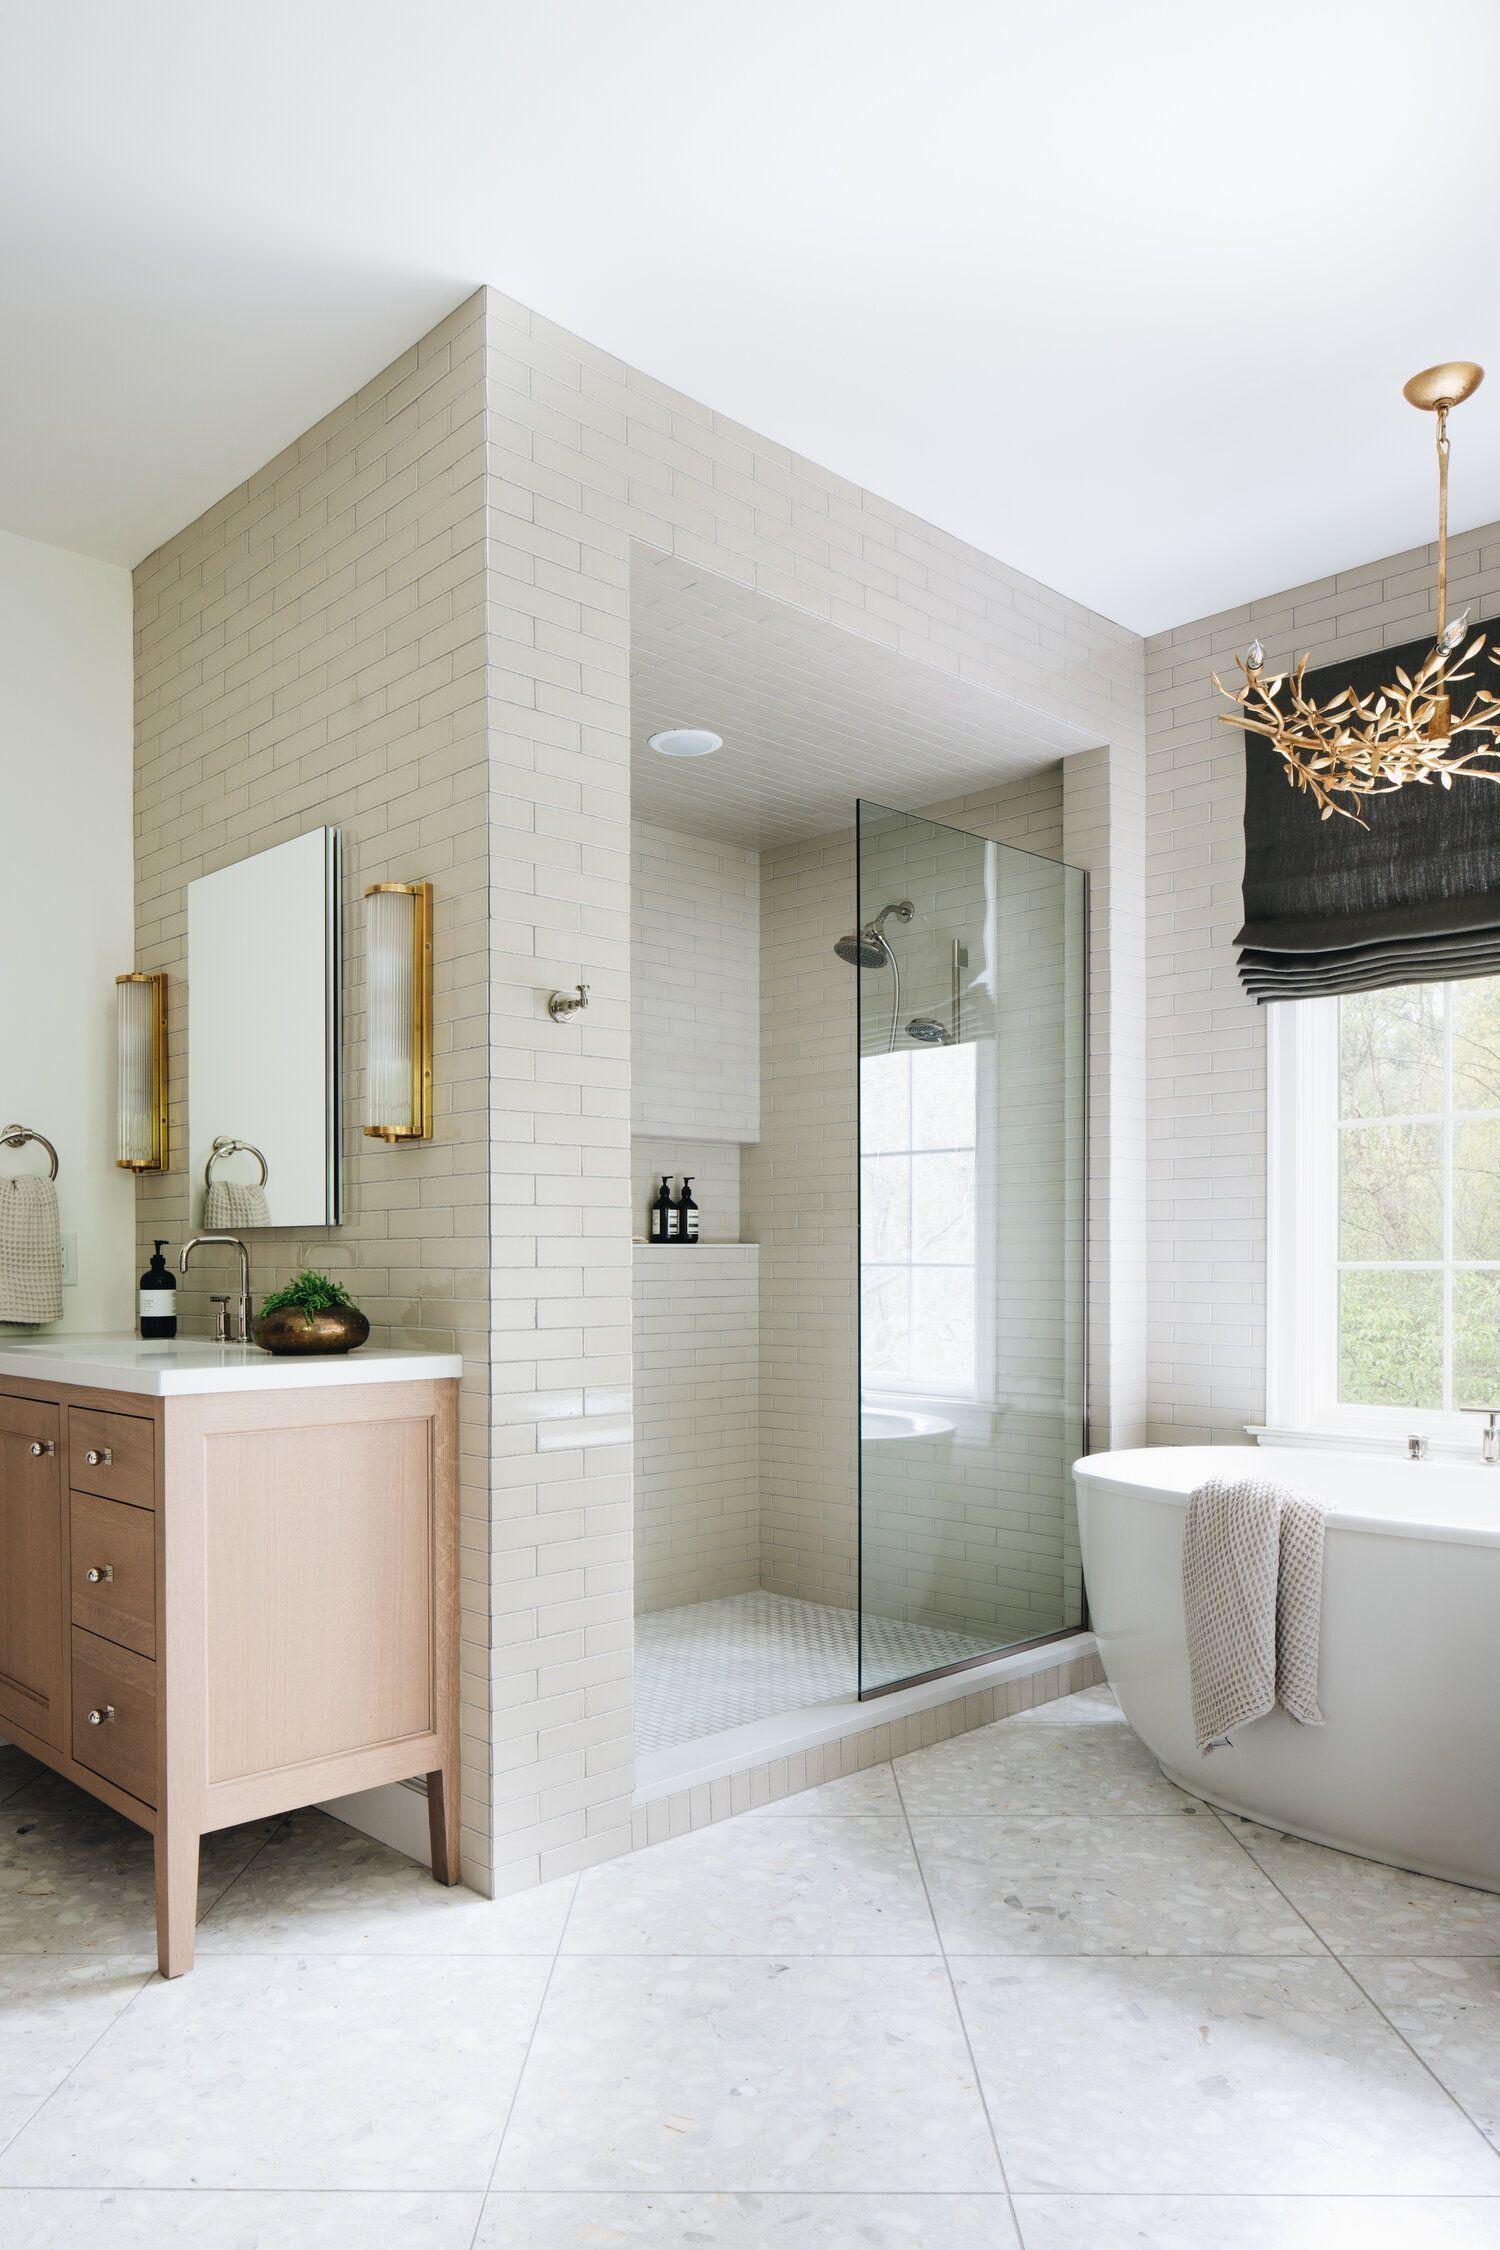 Ada Classic Design Jean Modern Stoffer Master Bathroom White Oak Vani Ada Bathroom Classic Design Jean Maste In 2020 Dream Bathrooms Bathrooms Remodel Home